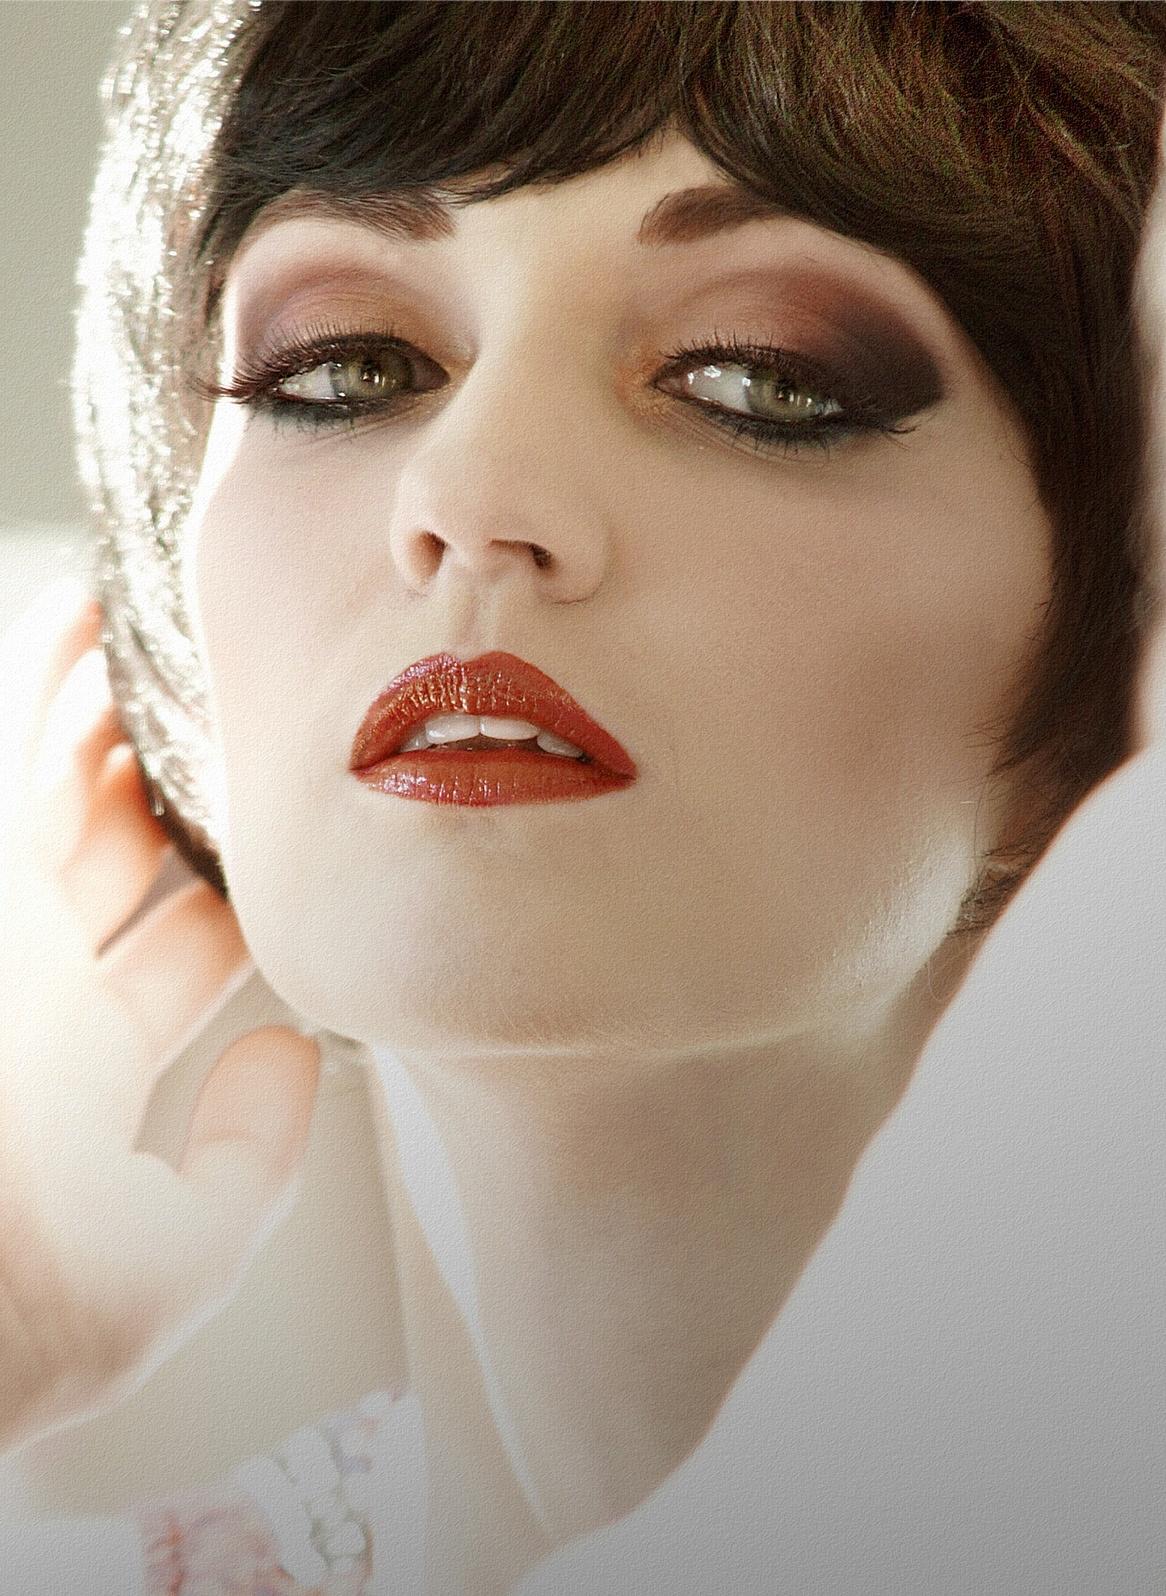 Shine-Female-Model-Rebecca-Dancer-Actor-Londfon-007-jpg.jpg#asset:47899